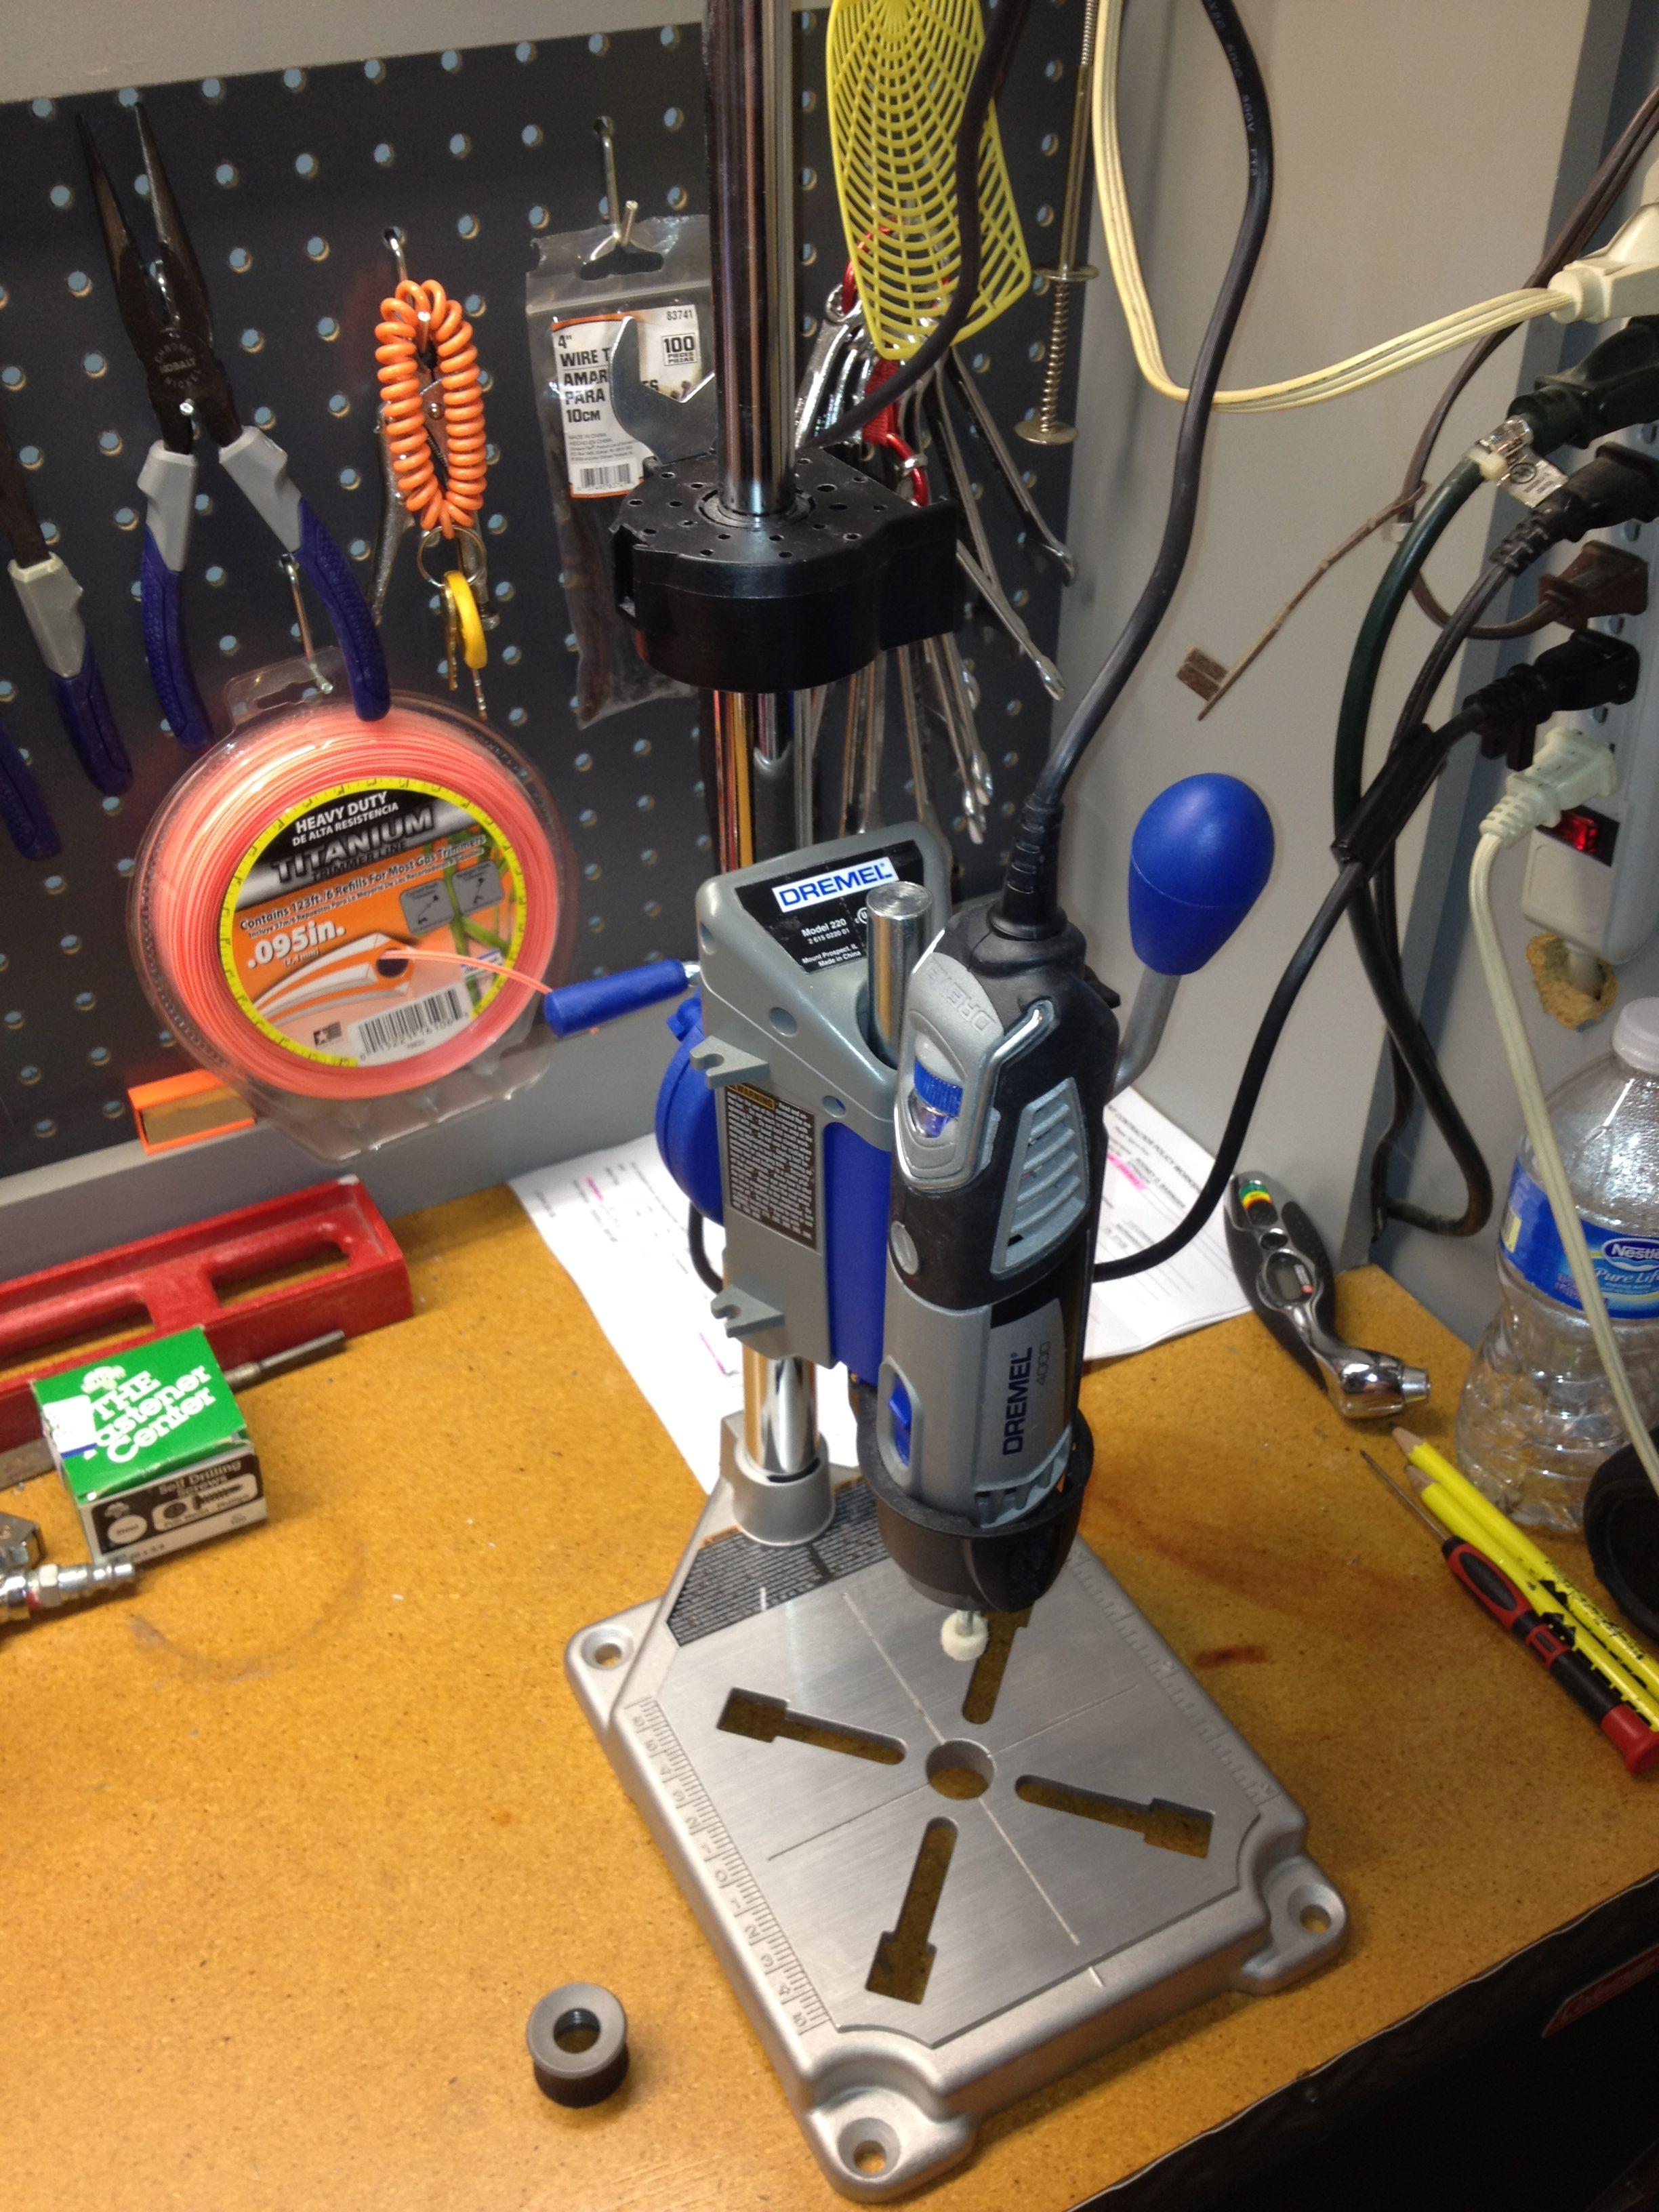 dremel workstation w dremel 4000 m s [ 2448 x 3264 Pixel ]